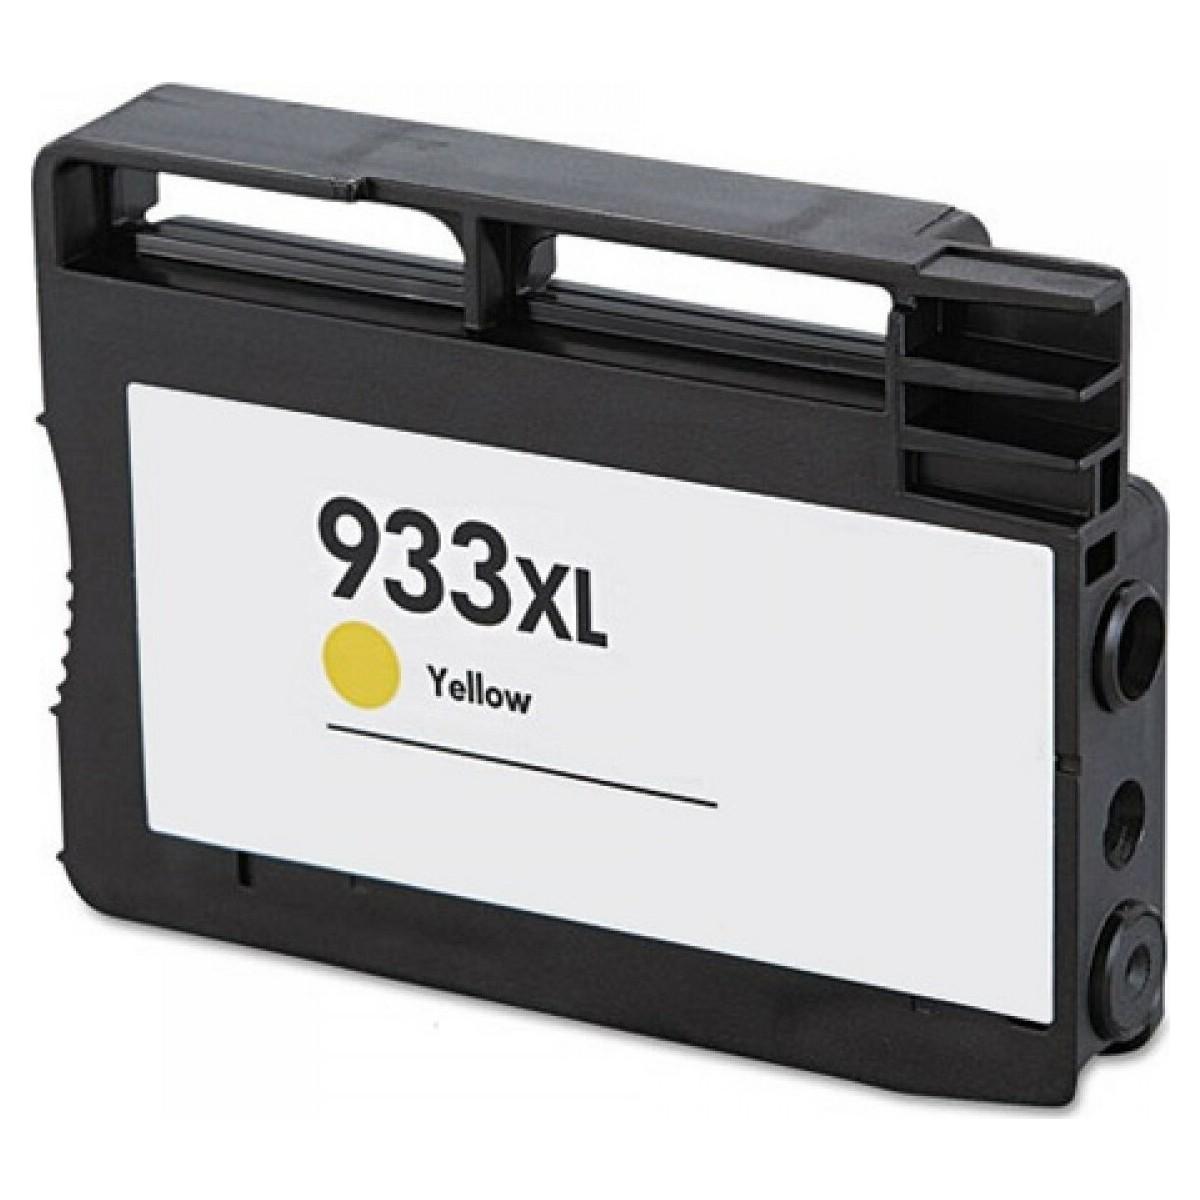 Μελάνι HP Συμβατό 933 XL Y CN056AE Σελίδες:1000 Yellow για Officejet 6100 ePRINTER, 6600 e-AIO, 6700 Premium e-AIO, 7110 Wide Format